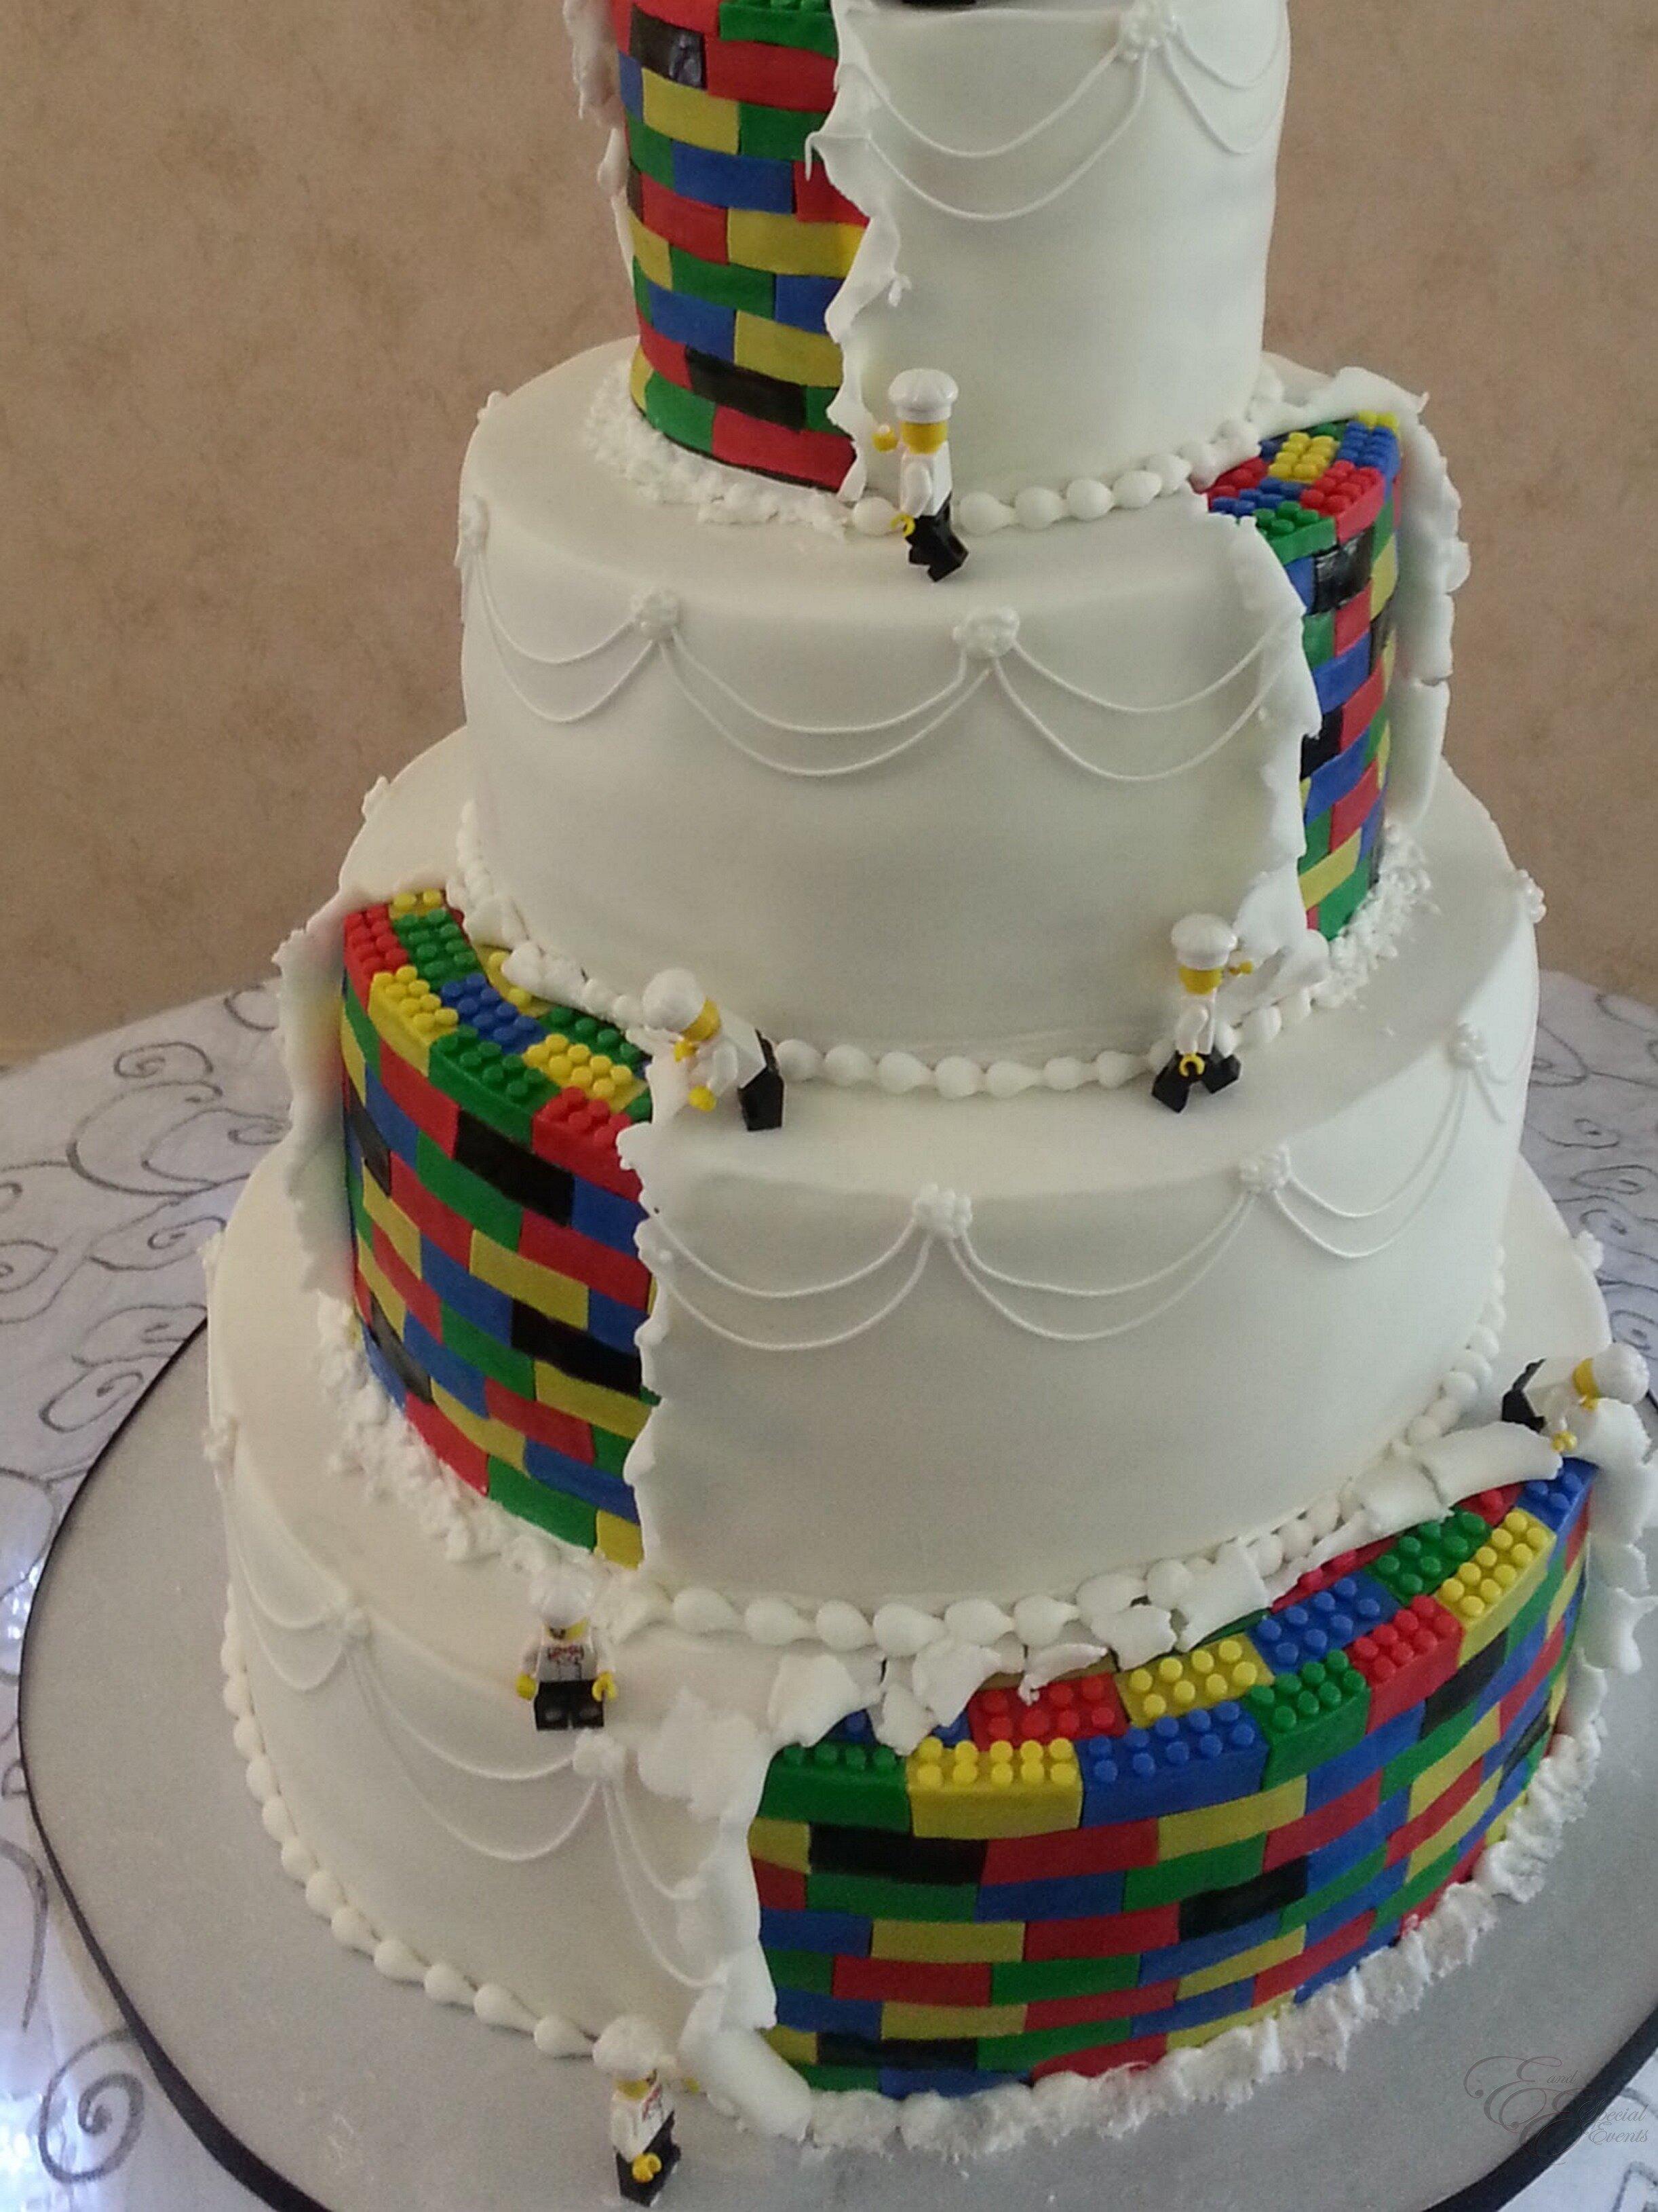 wedding_cakes_E_and_E_Special_Events_virginia_beach_15.jpg